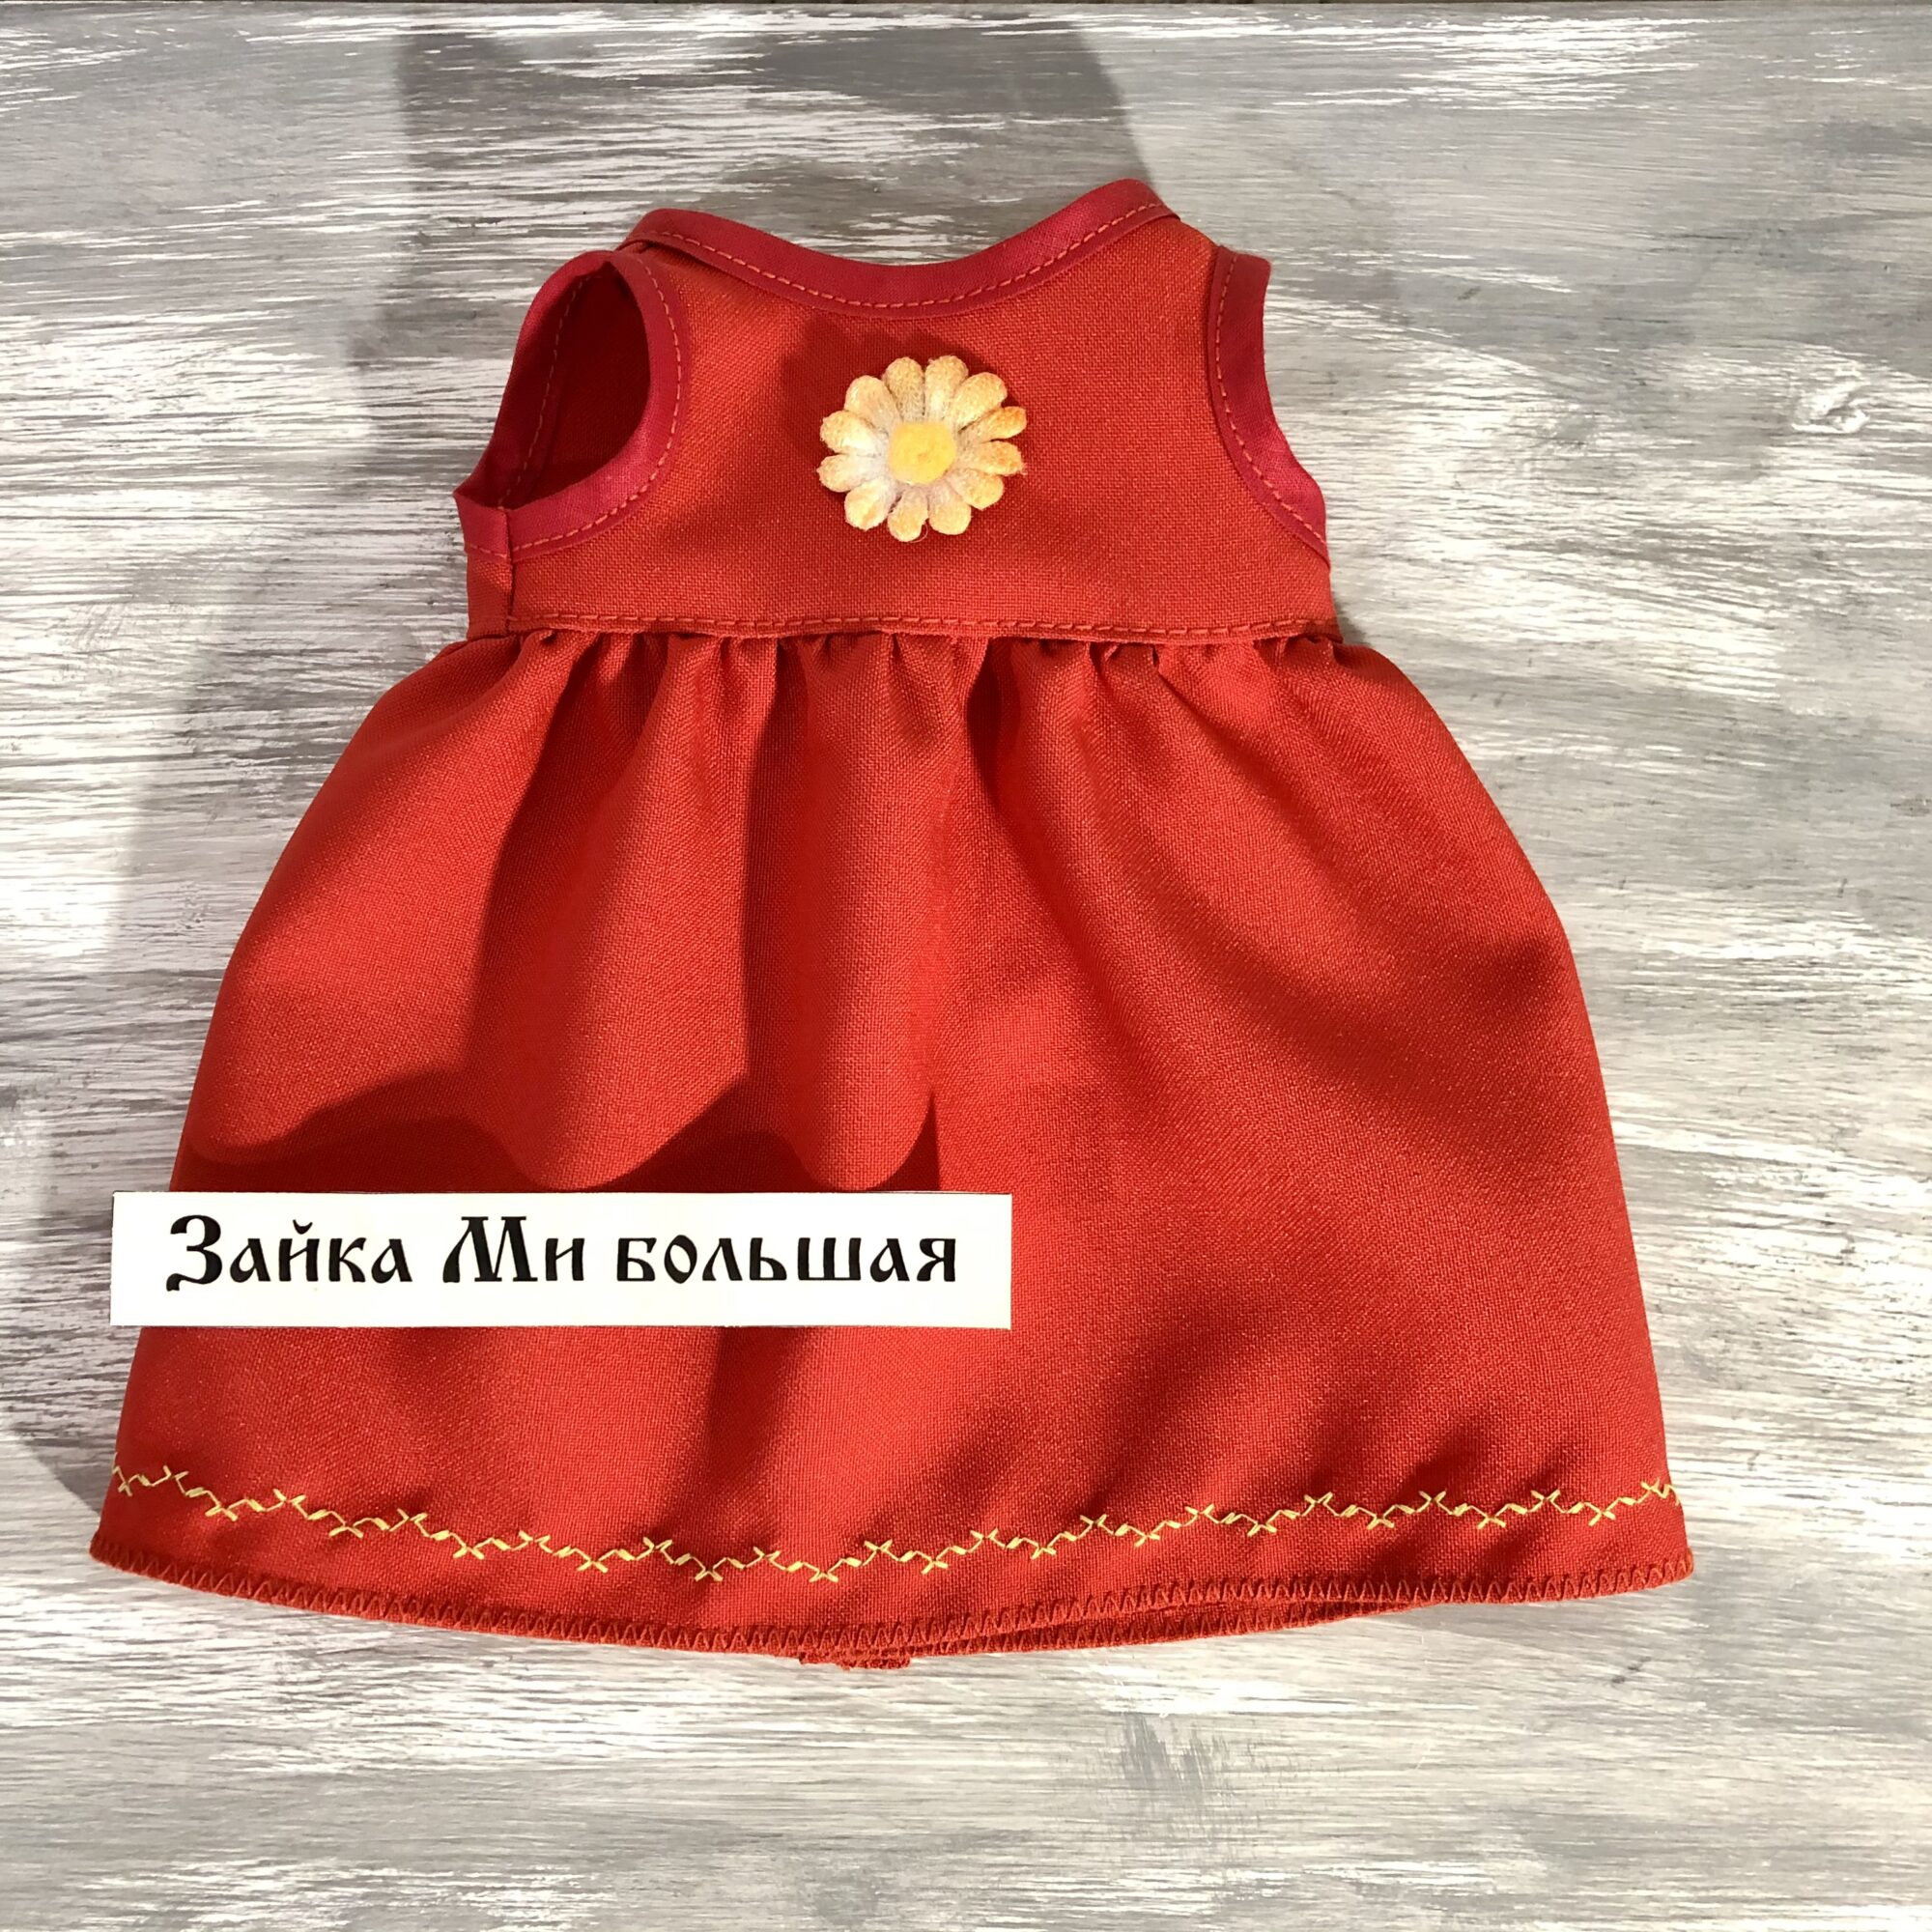 Платье красное с цветочком